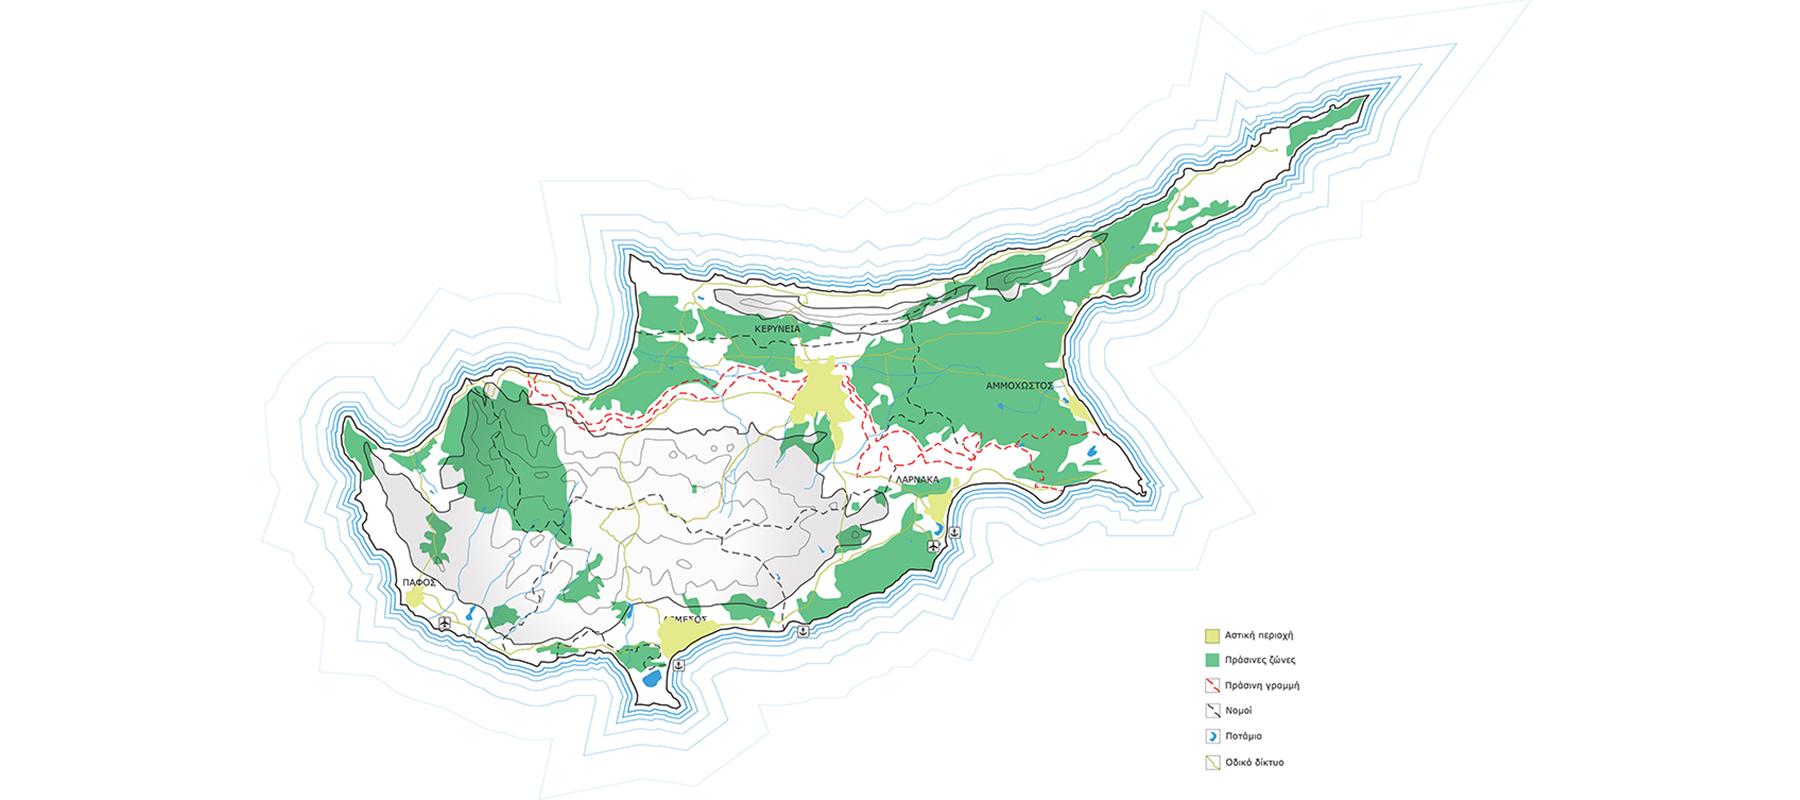 Cyprus Pavilion Proposal Venice Biennale - Venice biennale 2016 map